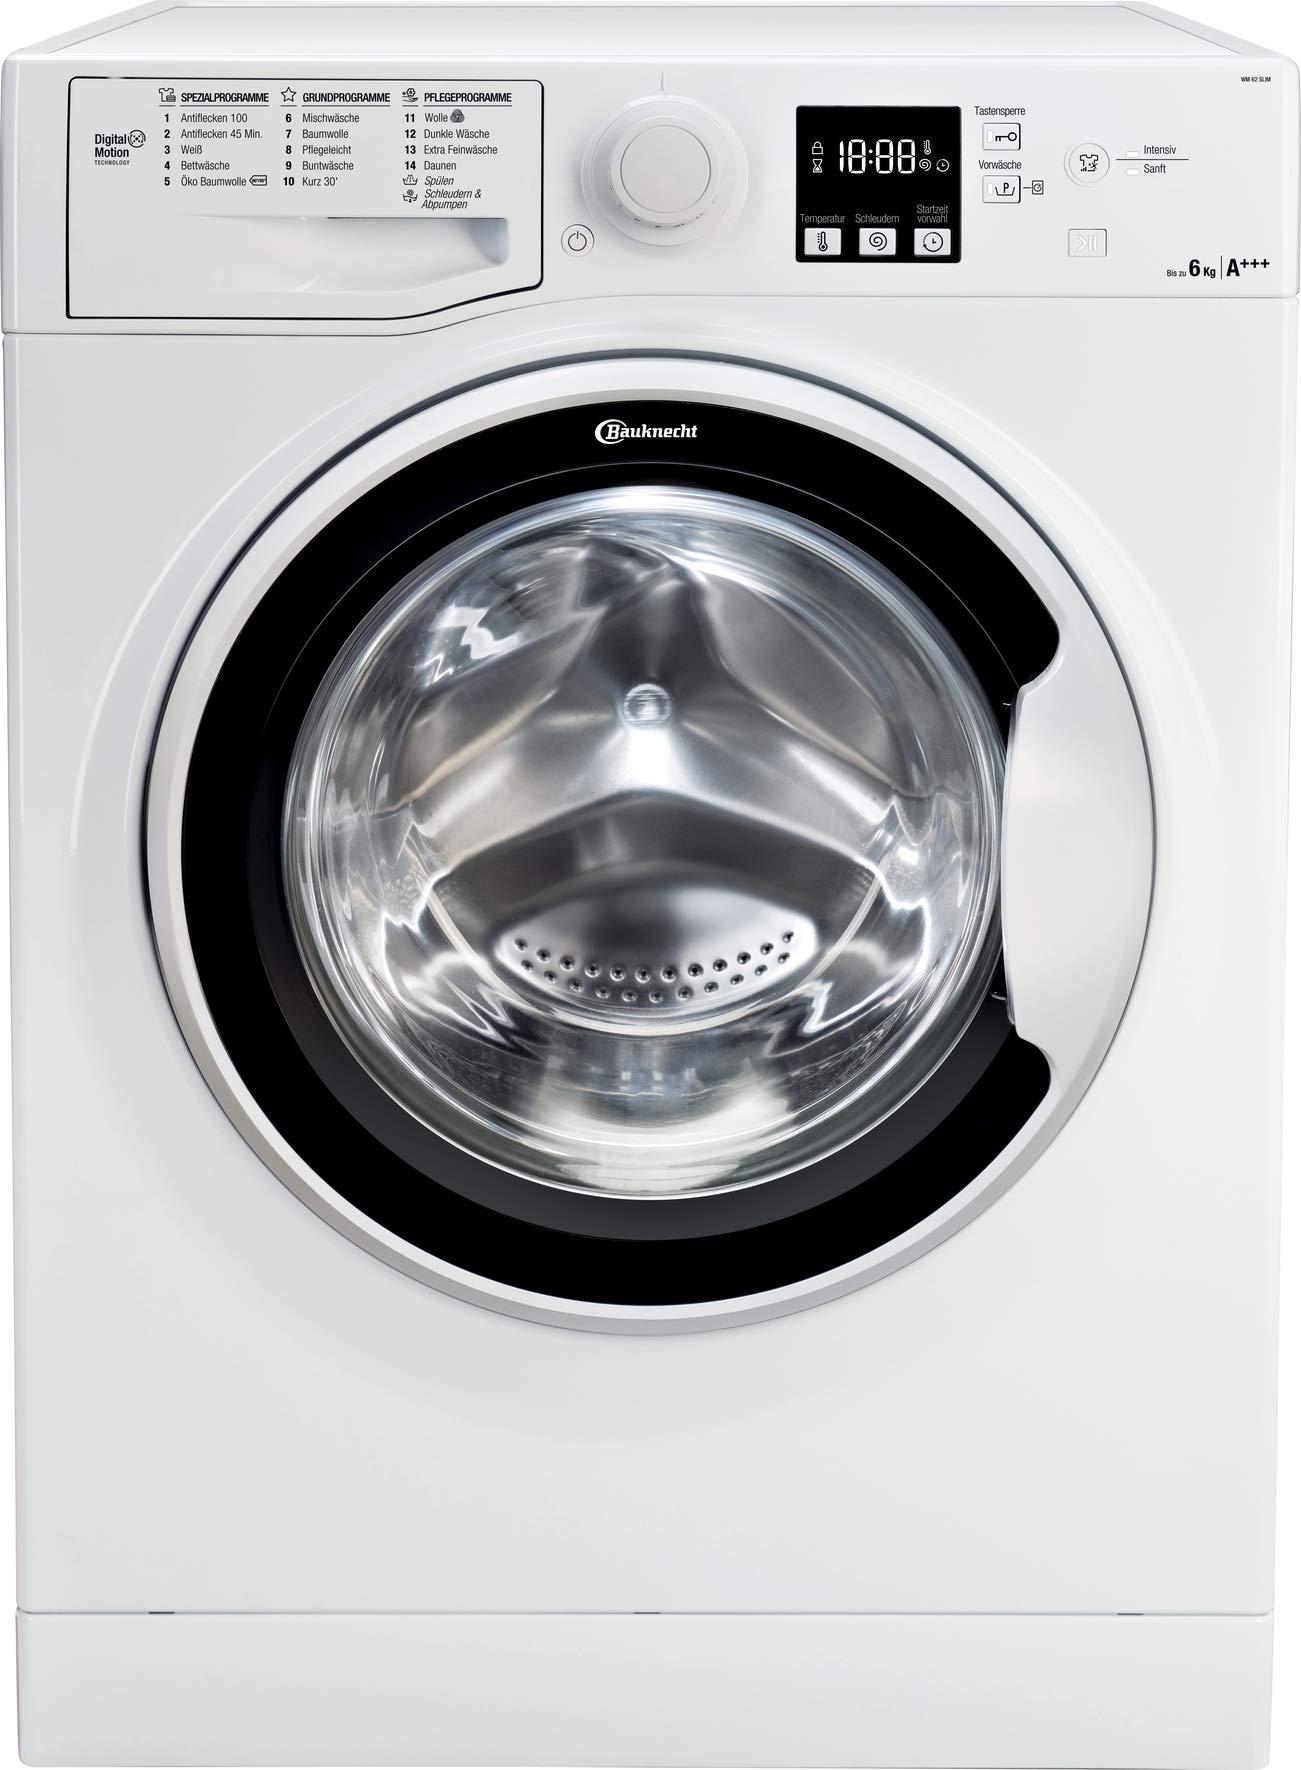 Bauknecht-WM-62-SLIM-Waschmaschine-FrontladerA-6-kg-1200-UpMAntiflecken-100WolleprogrammKurz-30DaunenStartzeitvorwahlWasserschutz